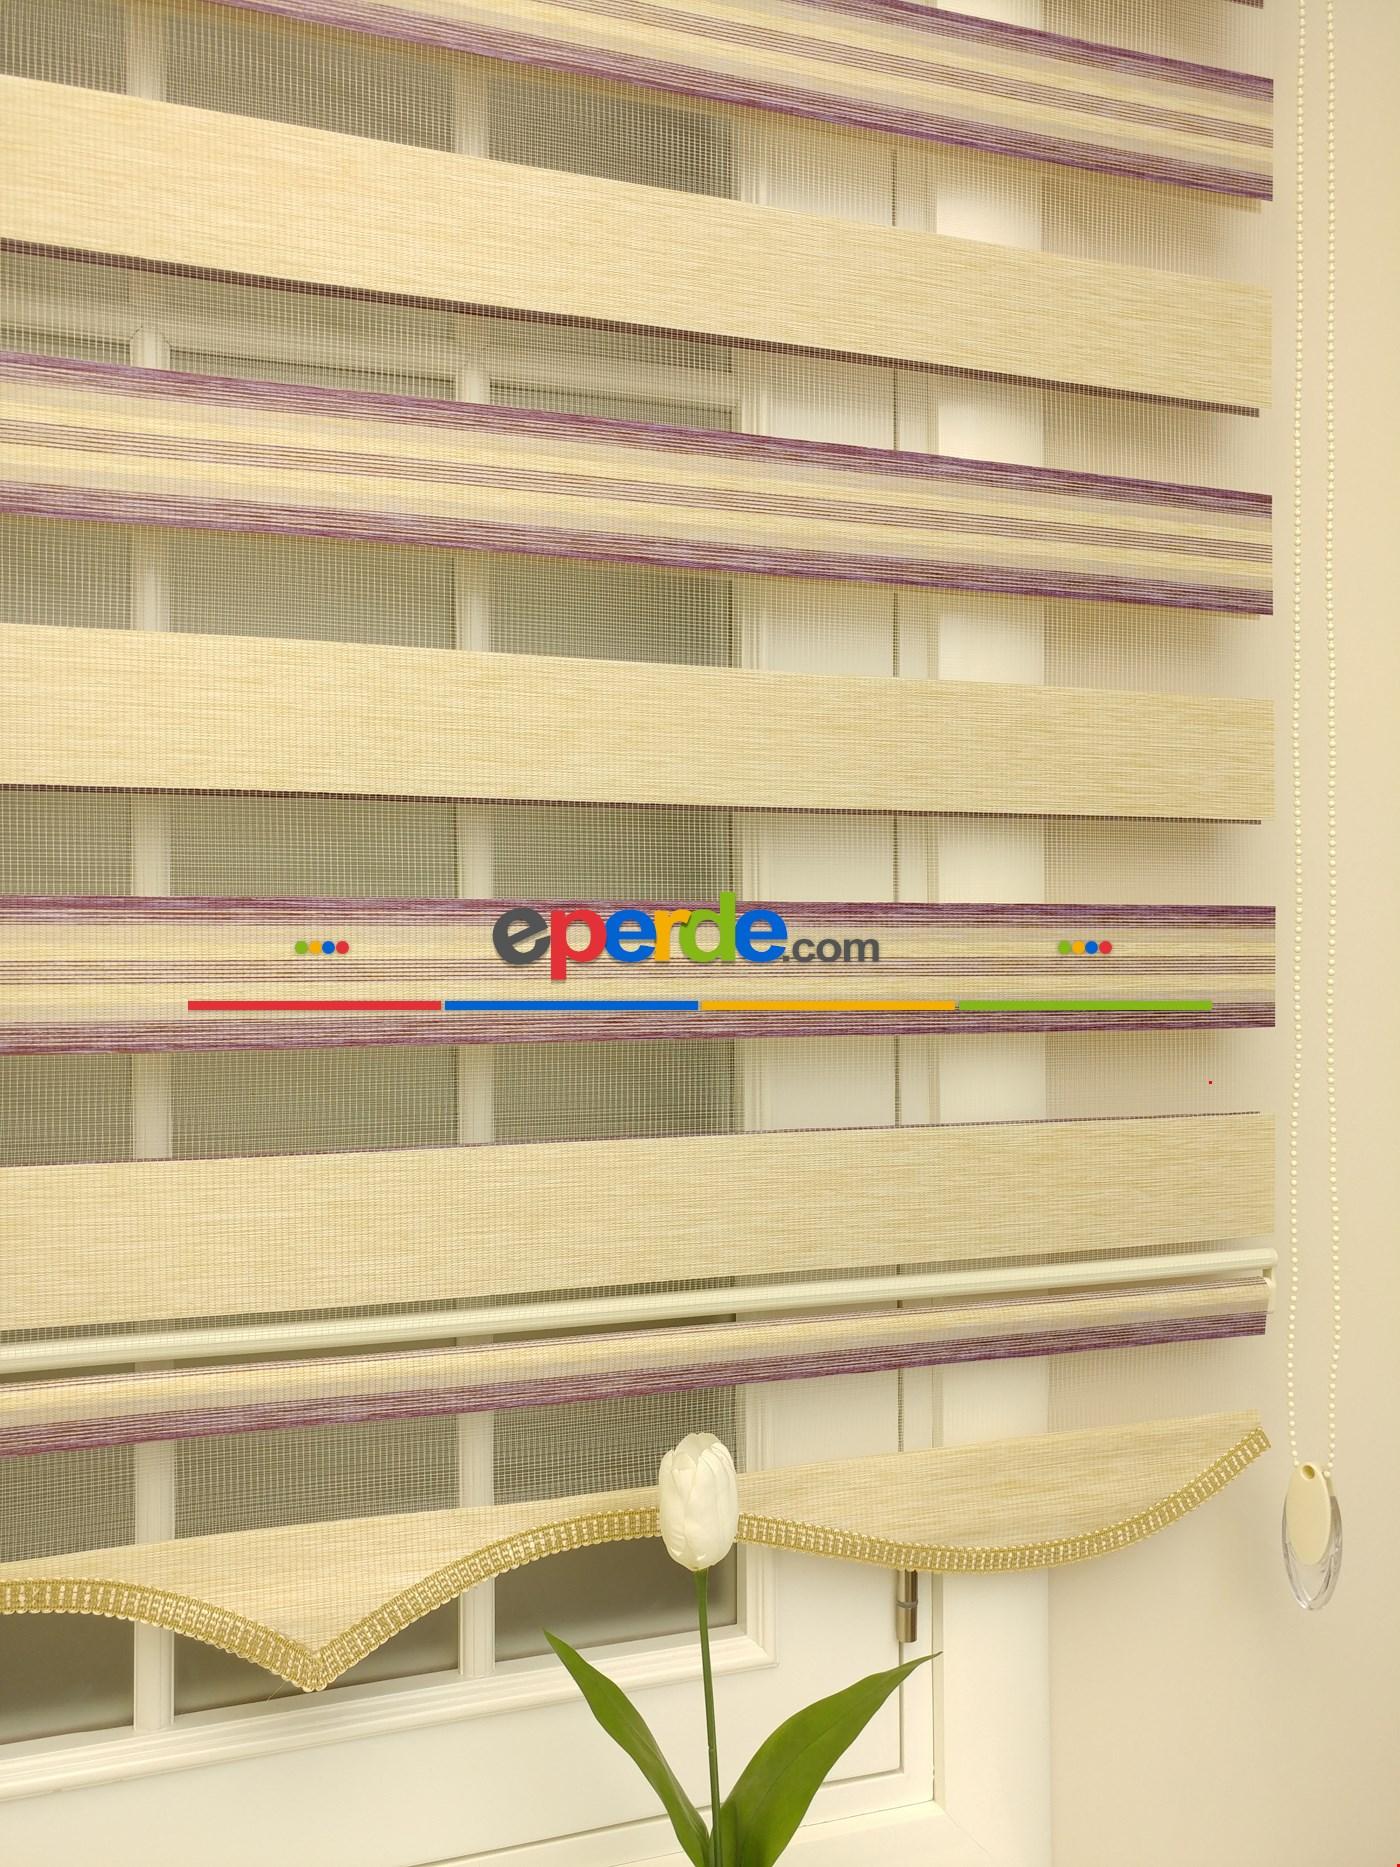 Zebra Perde - Caprice A.gri-antrazit Renk Bambu (geçiş Zeminli) Bej - Mor - Eflatun